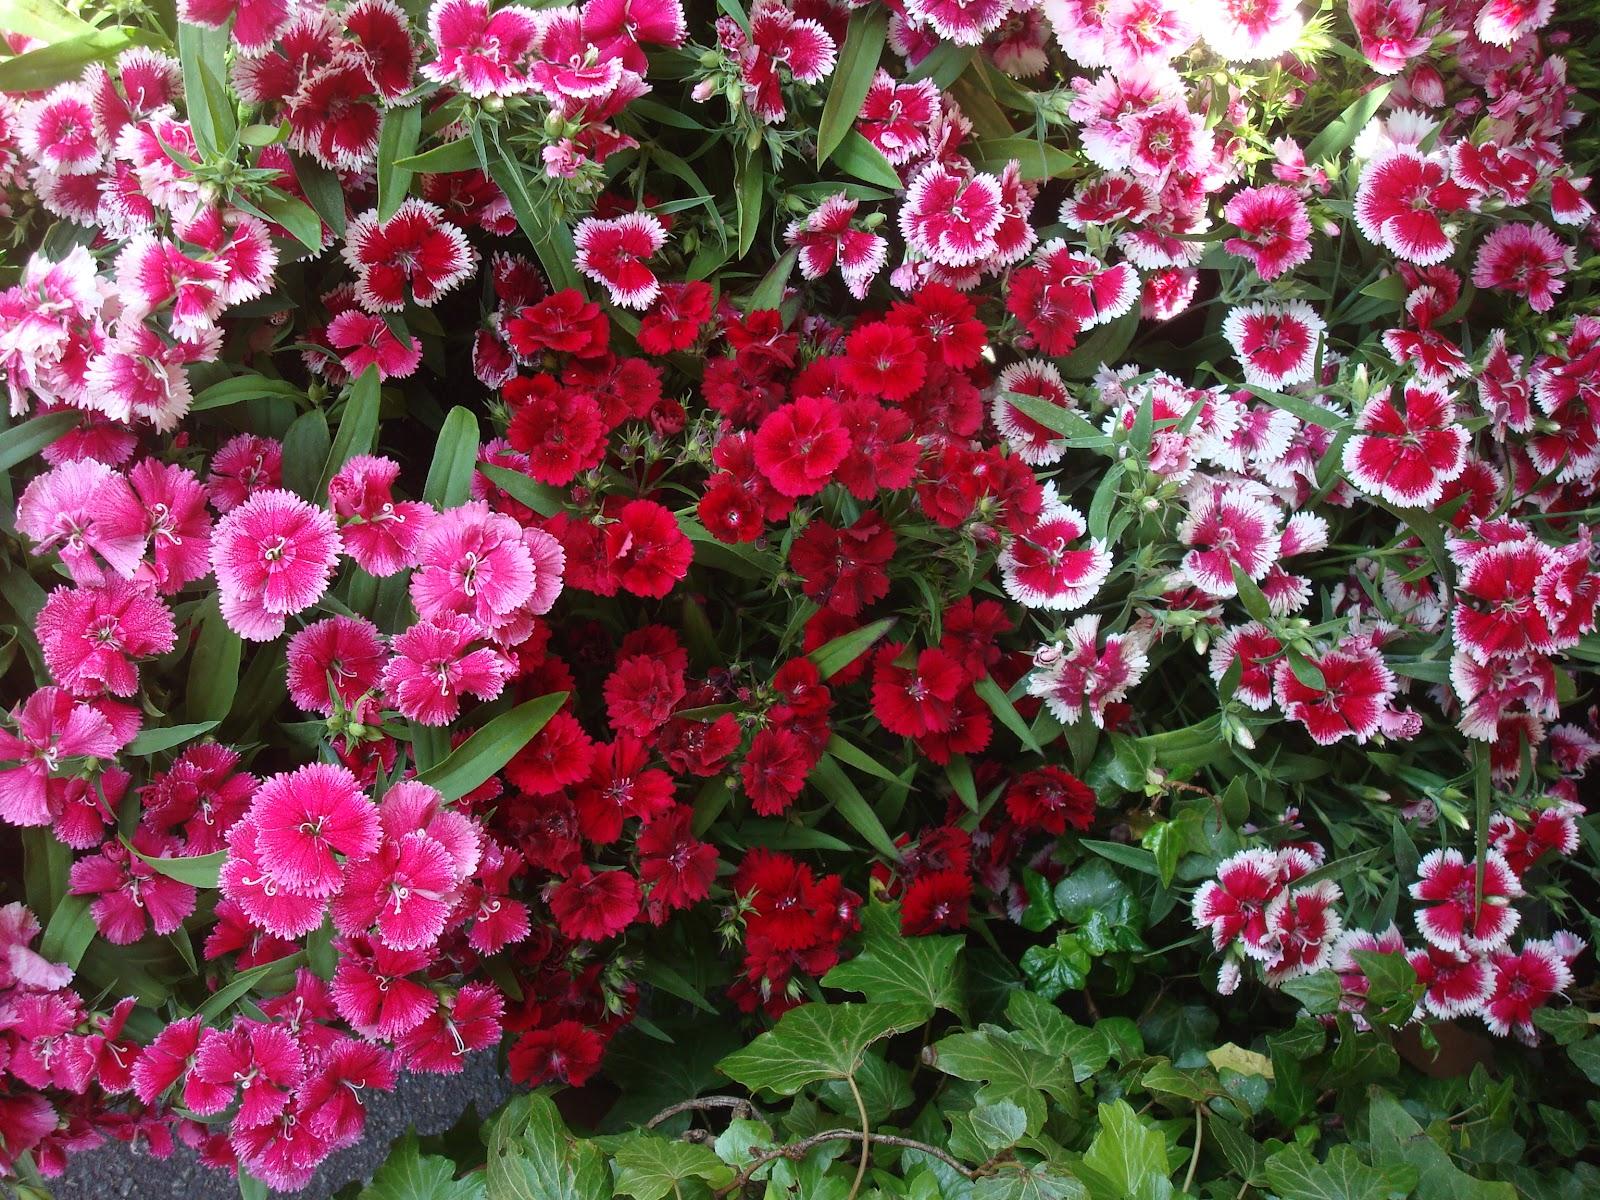 Fleuriste isabelle feuvrier l 39 oeillet de chine - Oeillets de poete ...